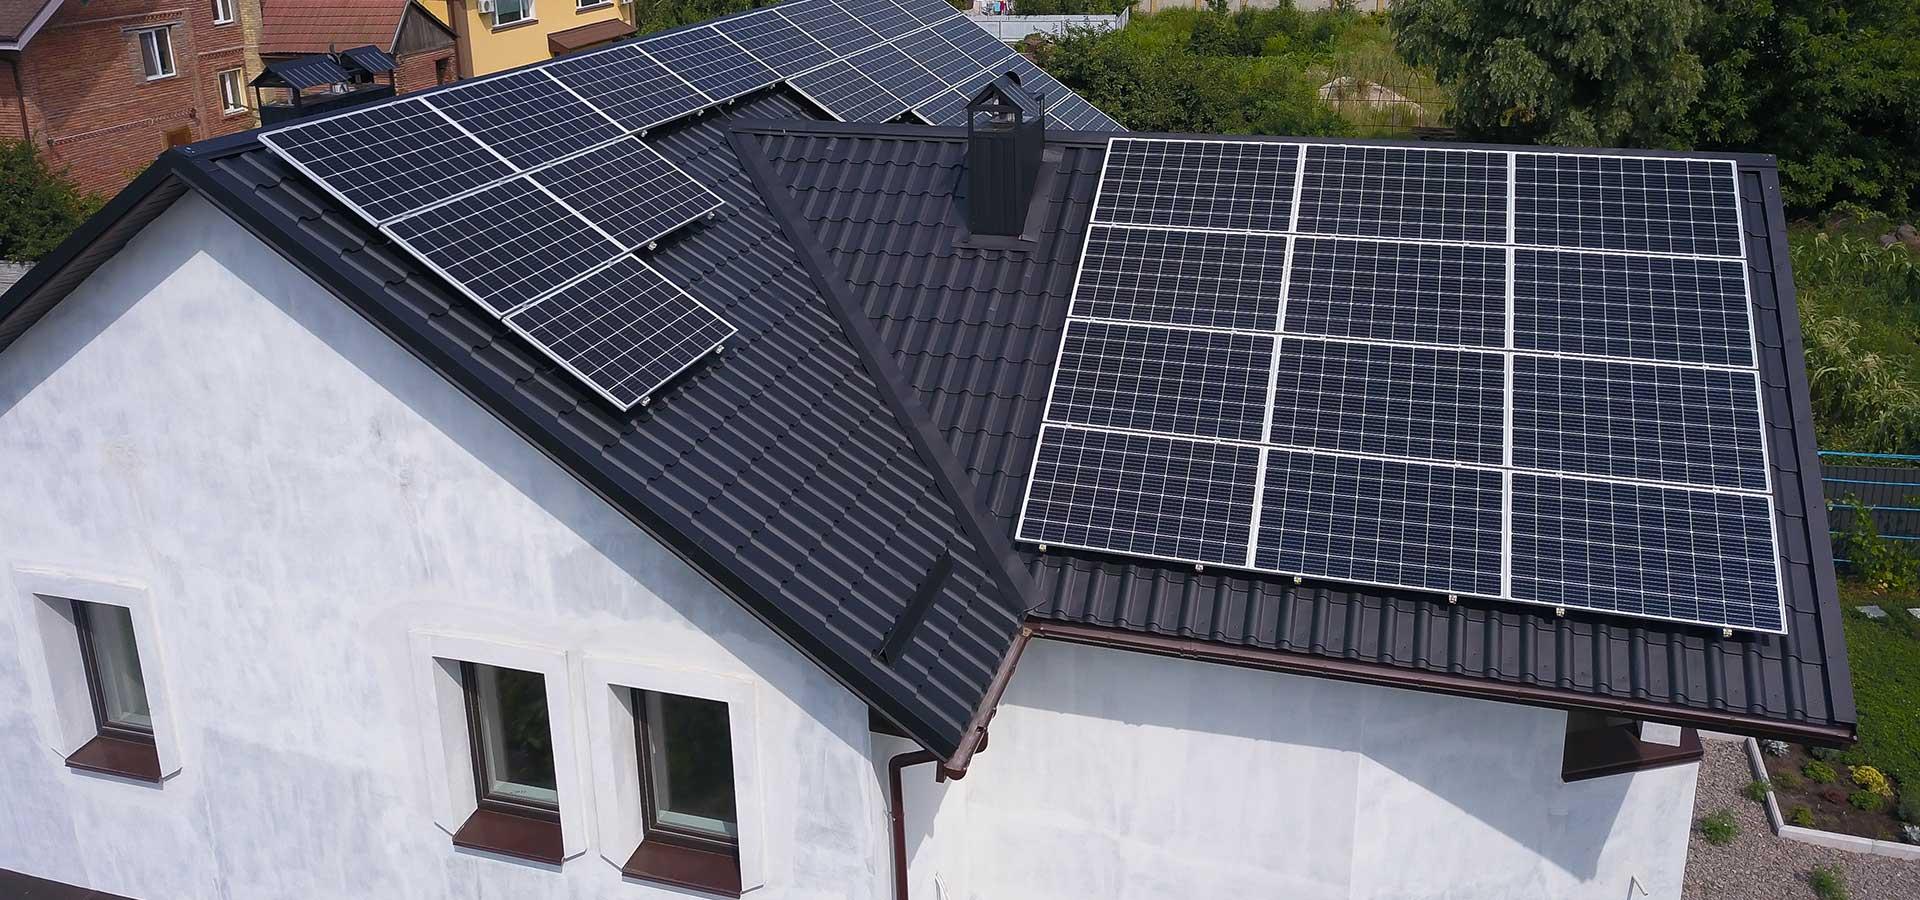 Около 3,5 тыс. домохозяйств установили солнечные электростанции во II квартале